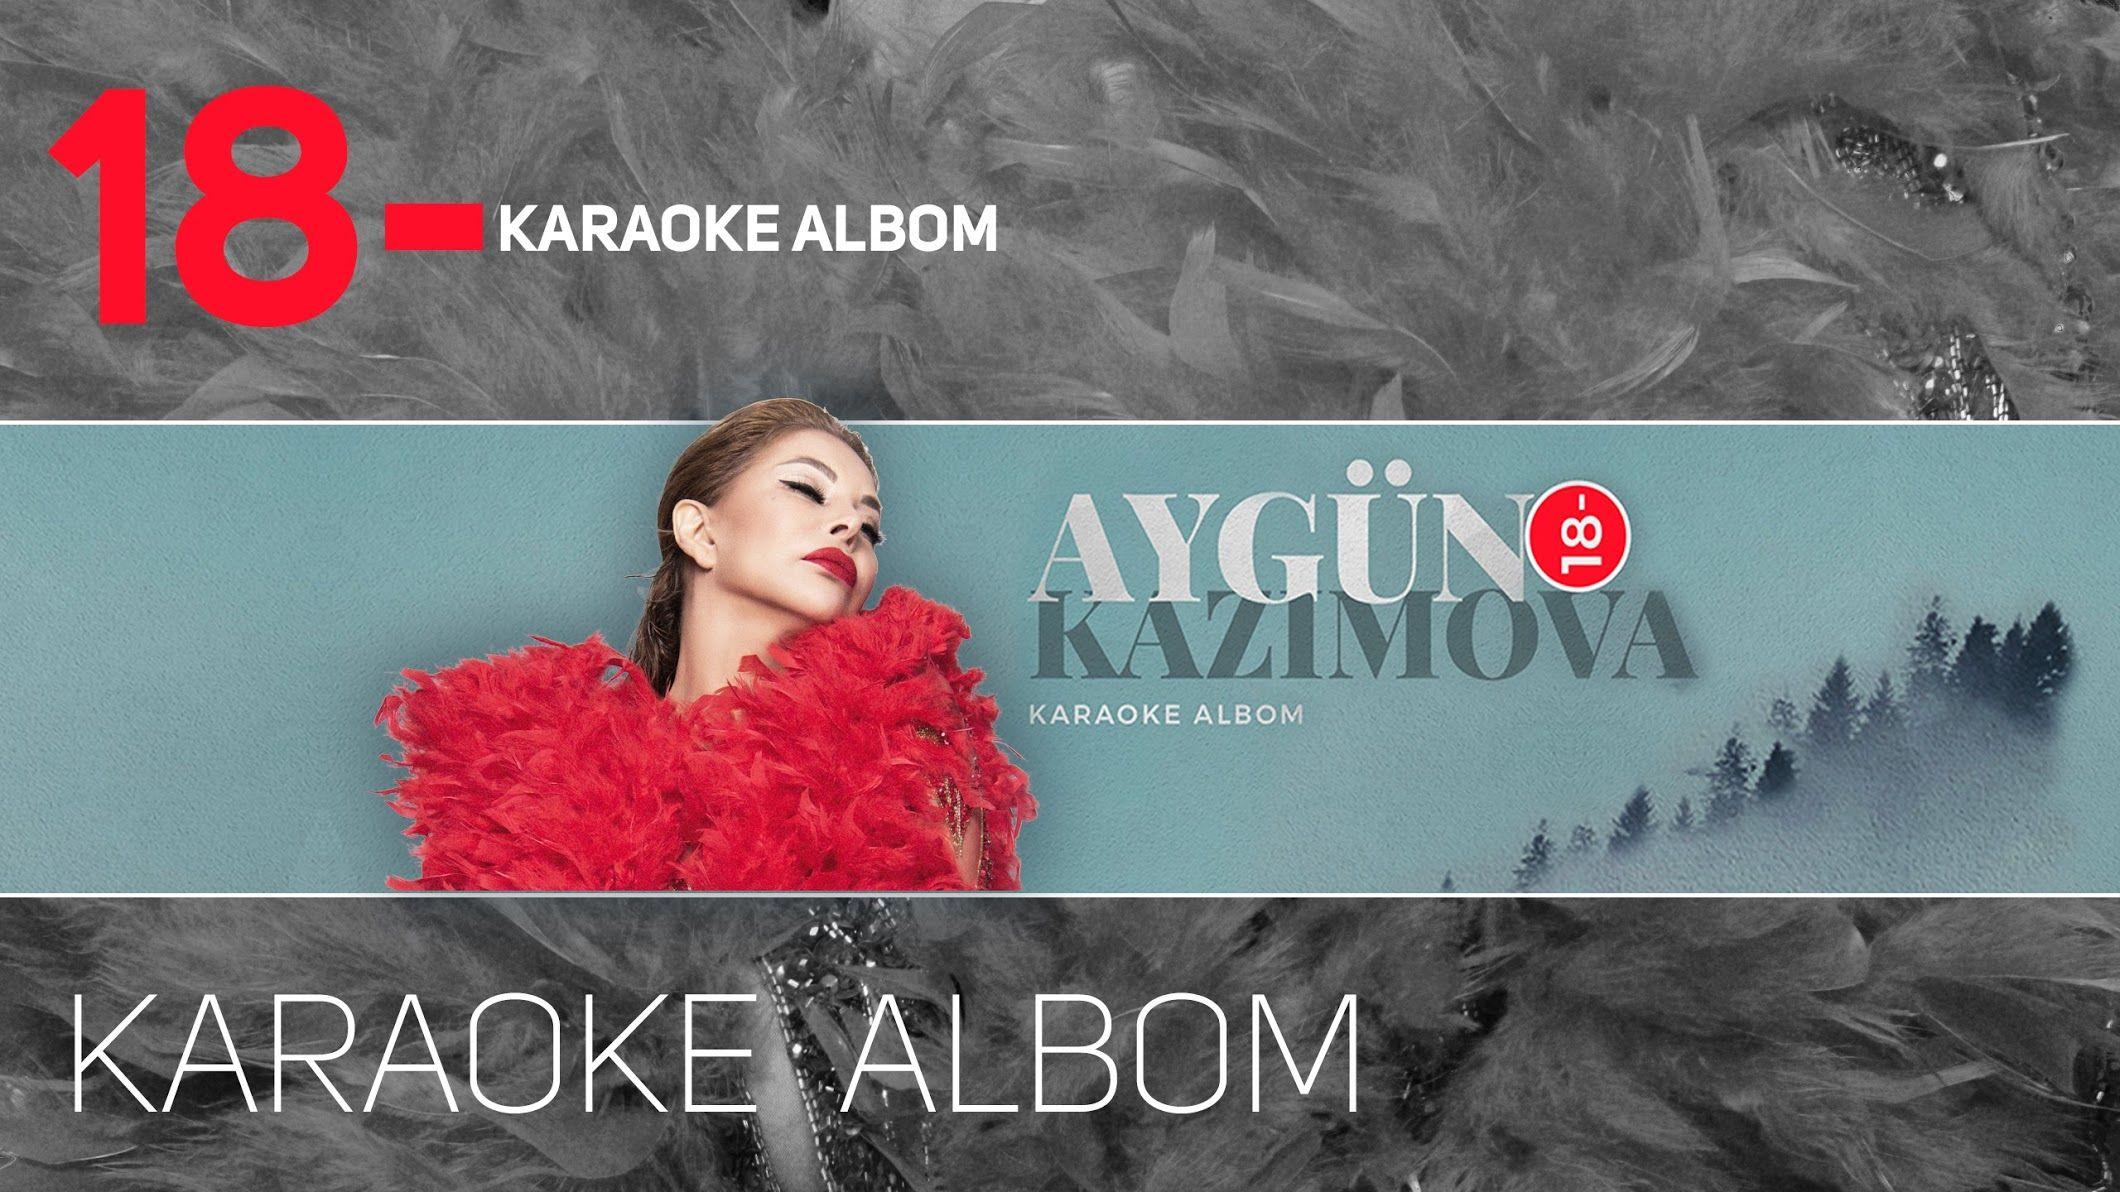 Aygun Kazimova Youtube Karaoke Snoop Dogg Youtube